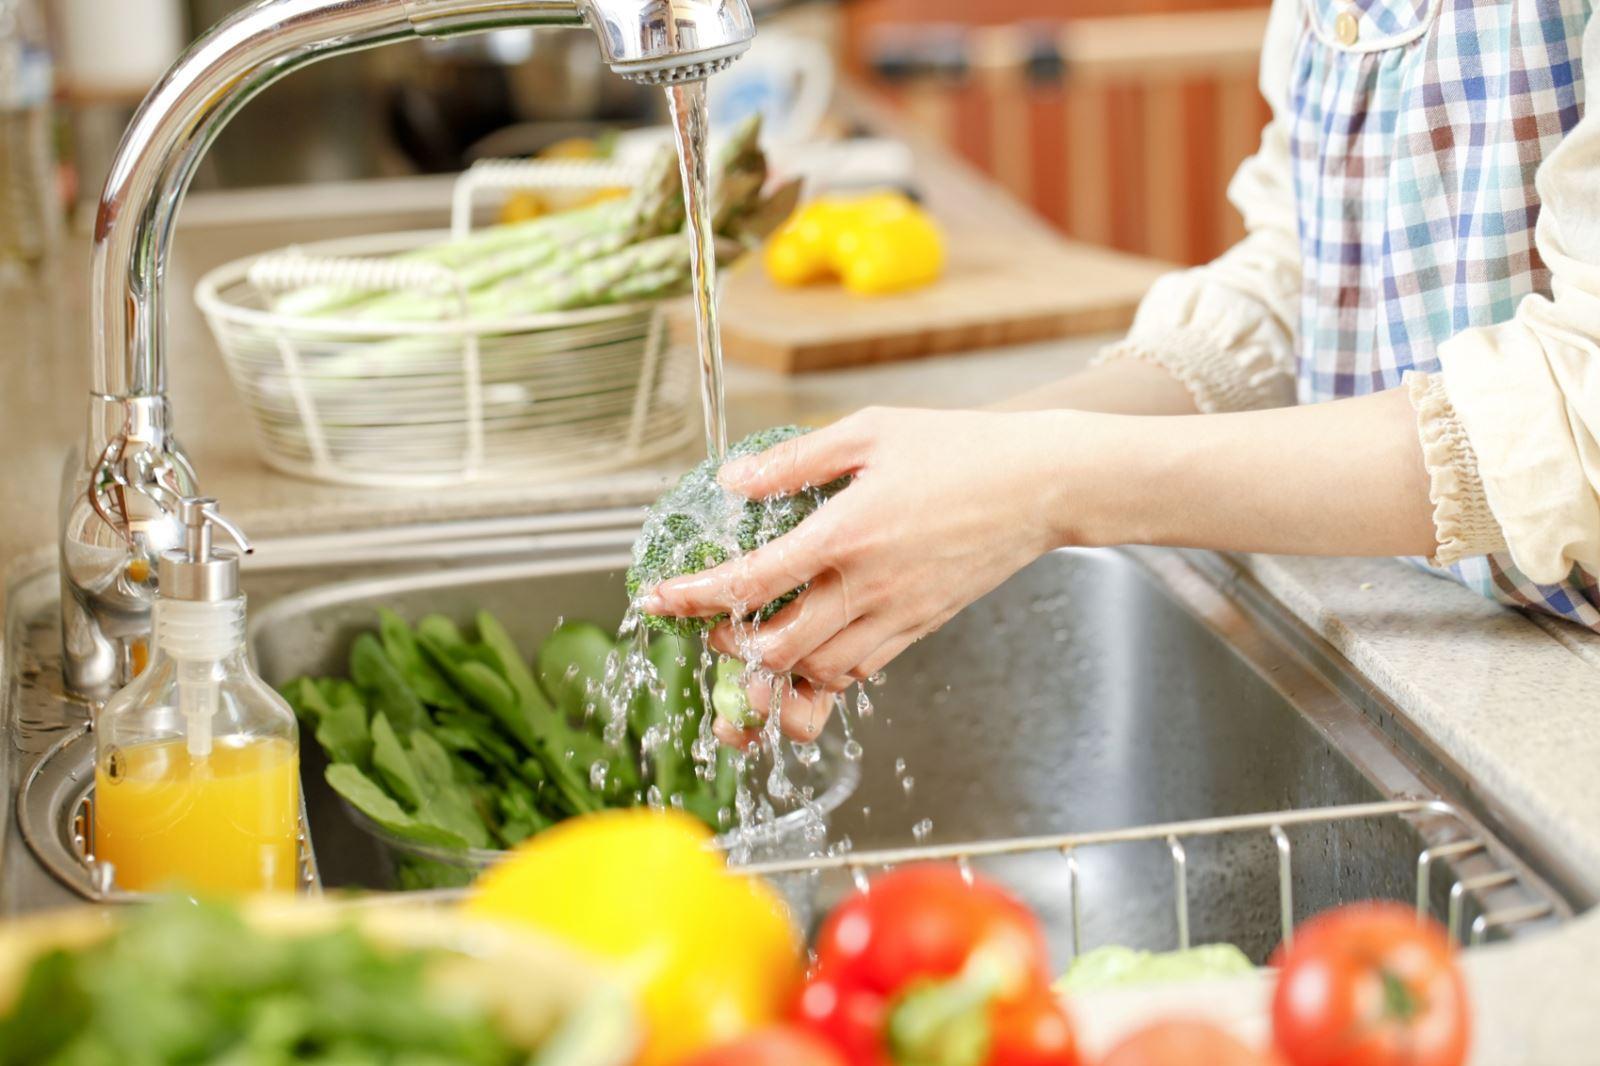 Nấu ăn ngon hơn nhờ thực phẩm sạch